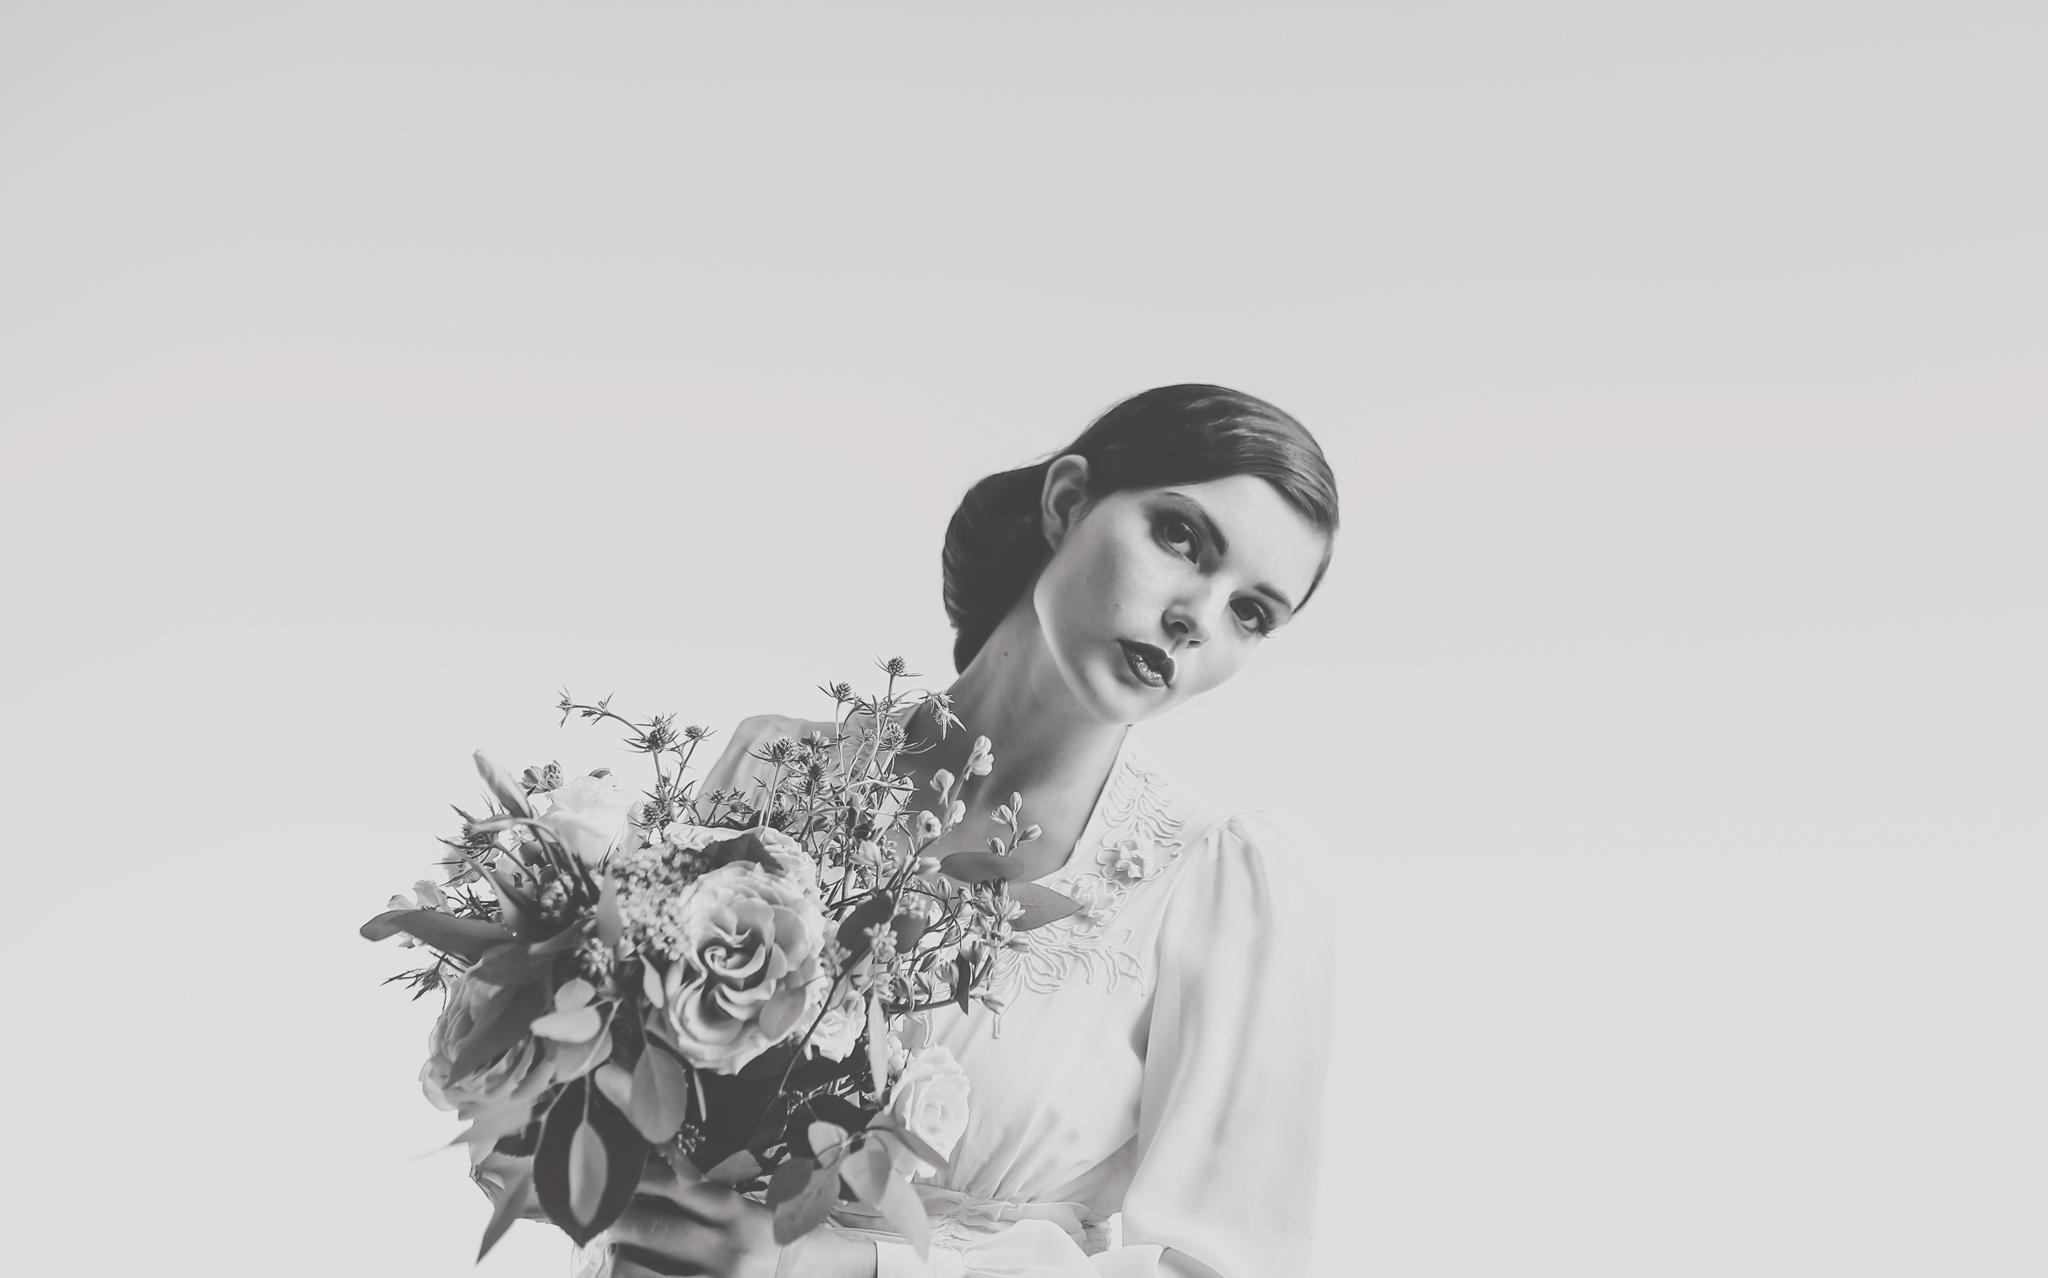 romantic vintage glam styled bridal shoot, jennifer picard photography, sunshine coast bc wedding photographer